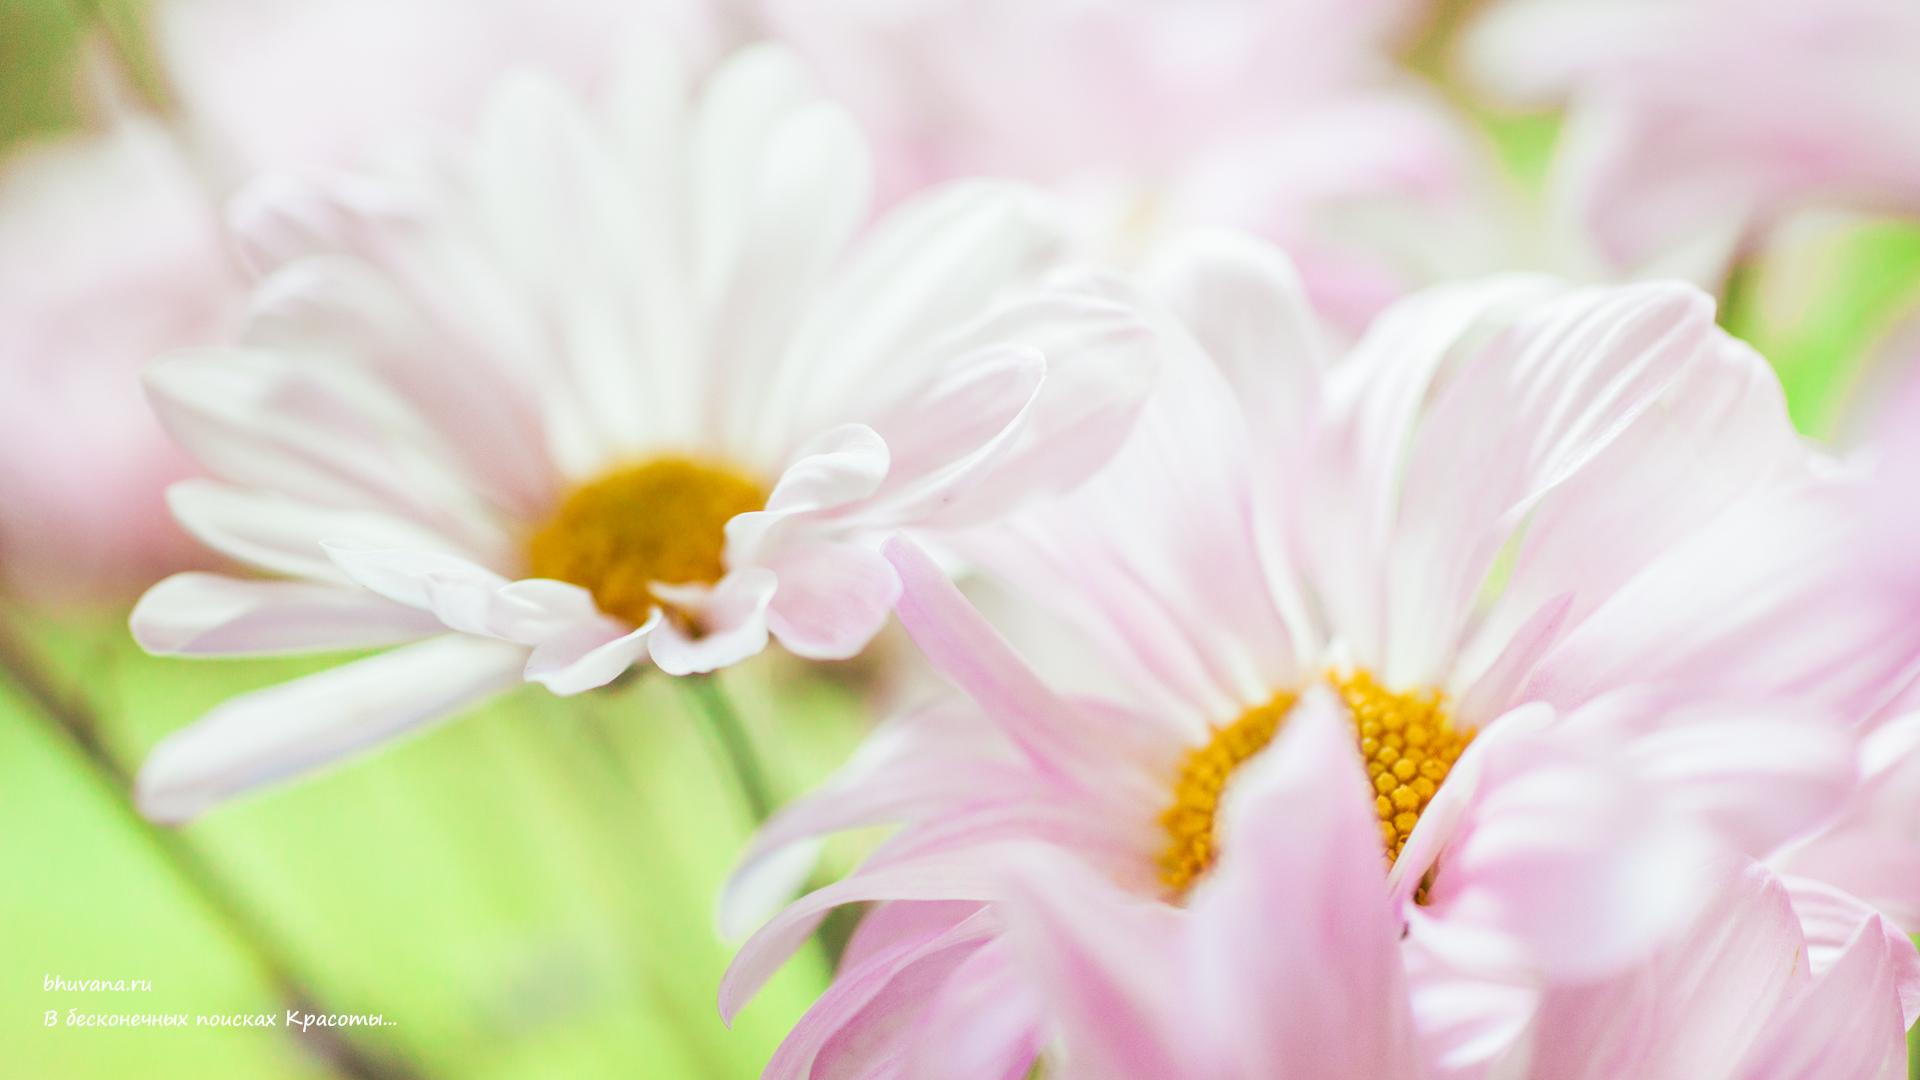 картинки на рабочий стол на весь экран весна самые красивые живые обои